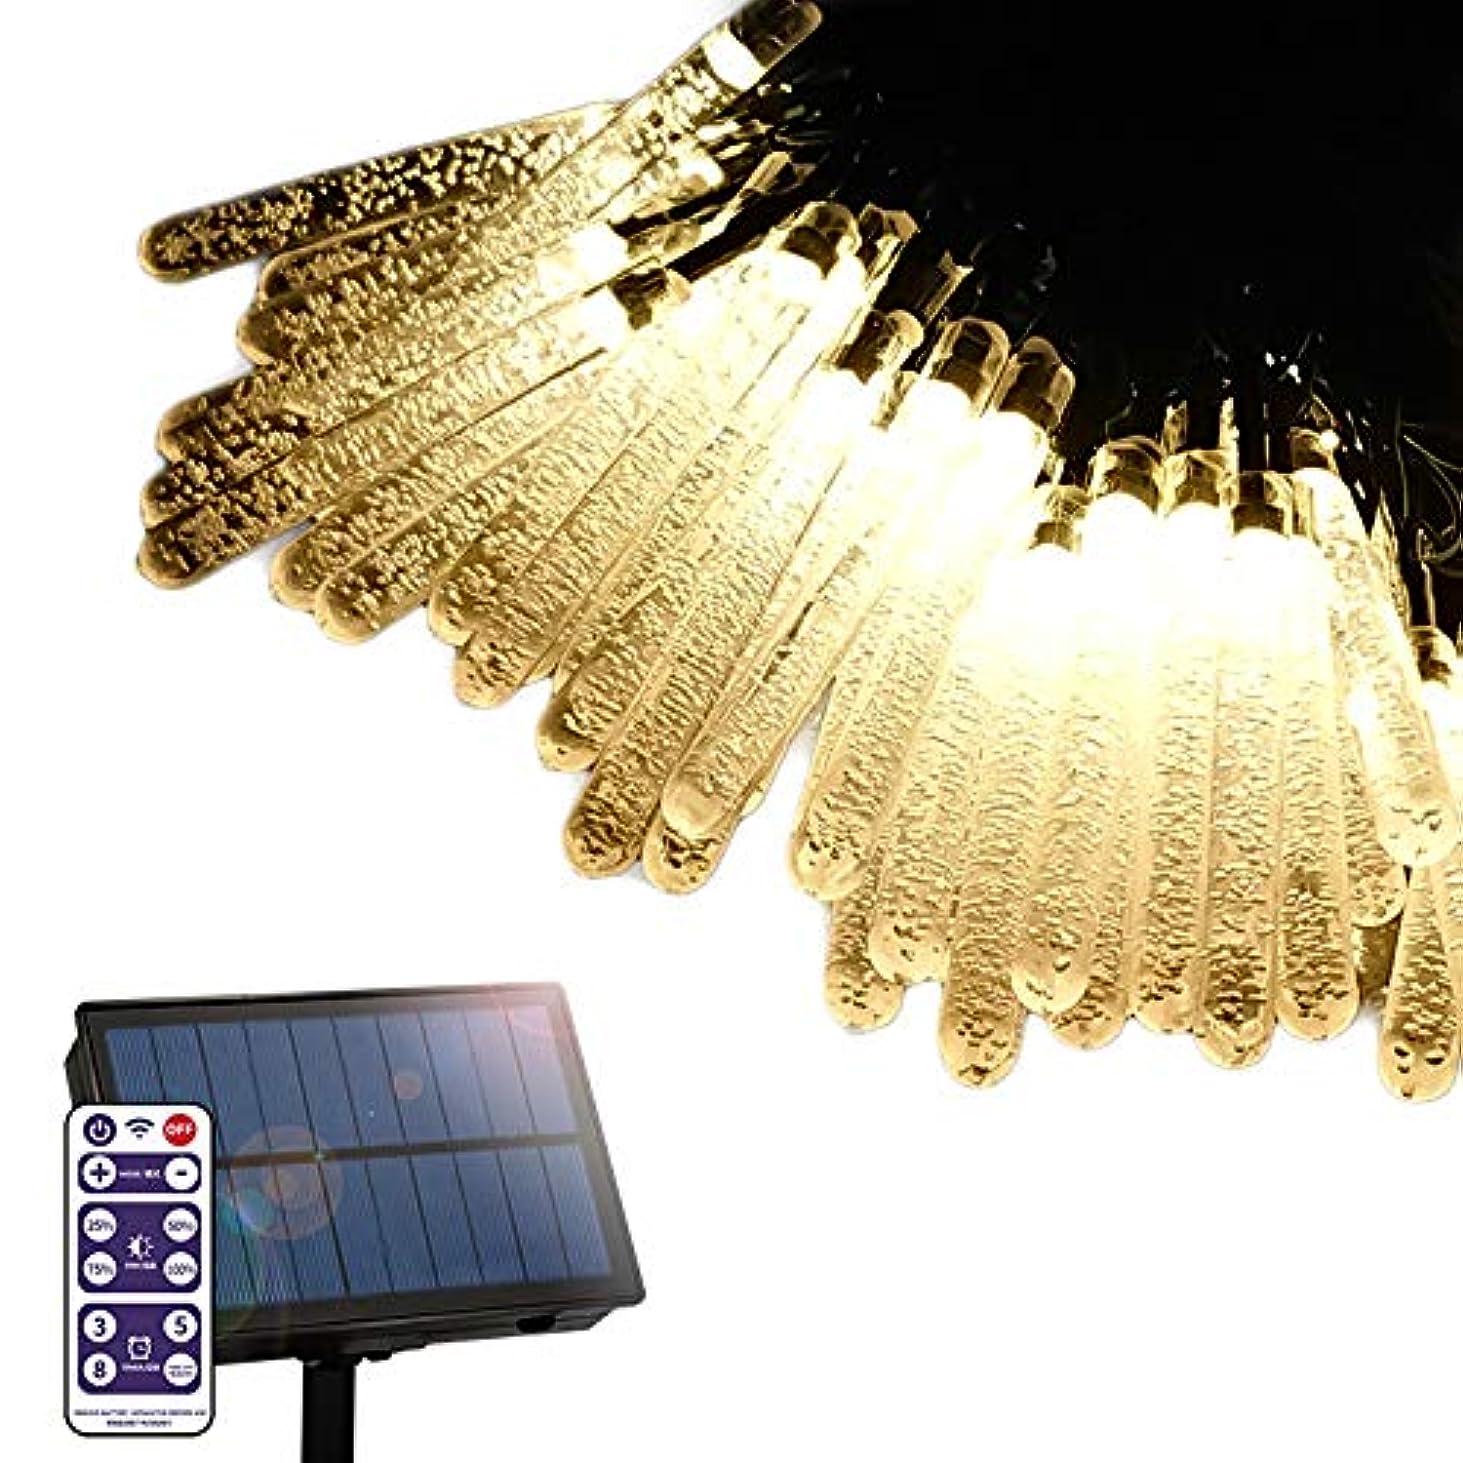 外部宝急行する電光ホーム ソーラー LED イルミネーション ストレート つらら型 ライト [ 8パターン 点灯 / 15m 100球 / リモコン付属 ] 屋外 防水 防雨 ガーデン DIY (シャンパンゴールド)